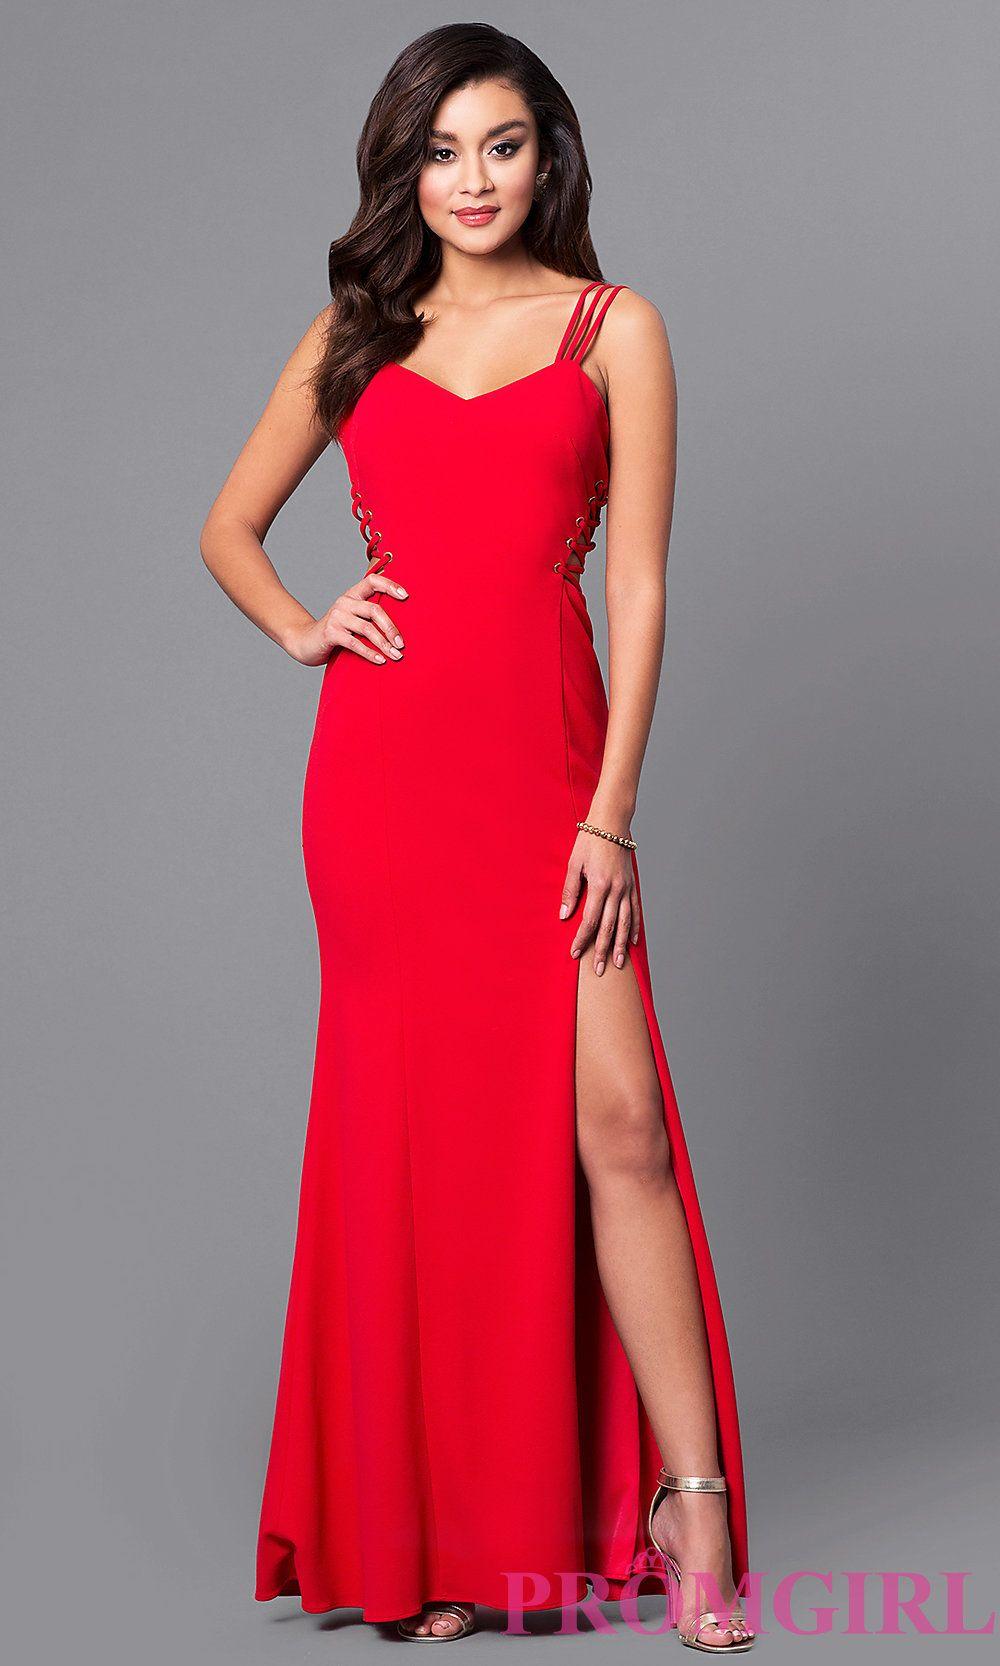 I like style dmoj from promgirl do you like fashion